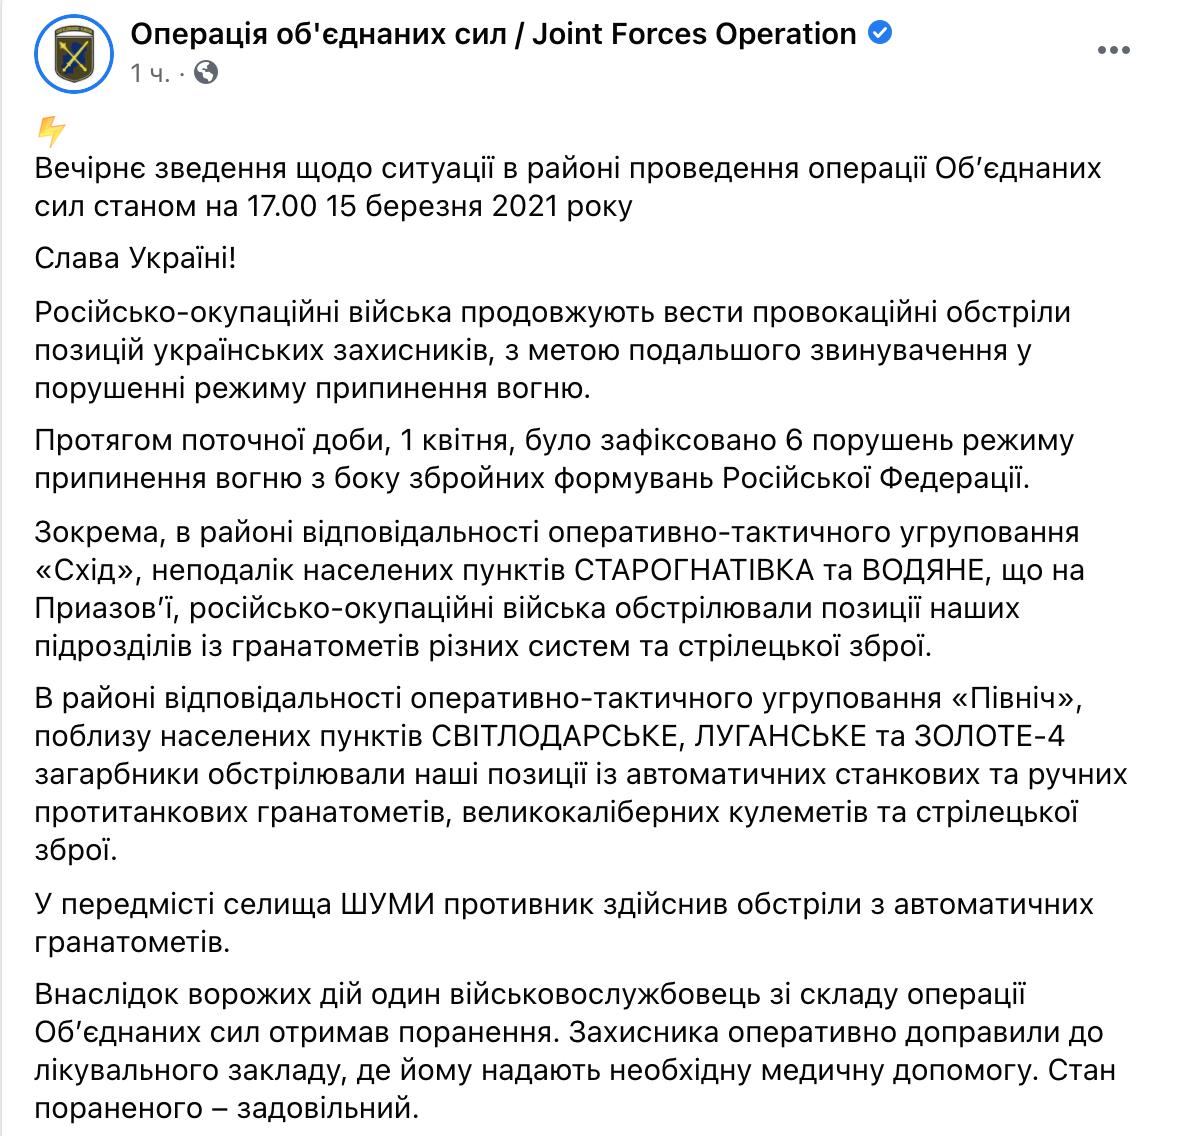 Окупанти шість разів обстріляли позиції українських військових: одного бійця поранено